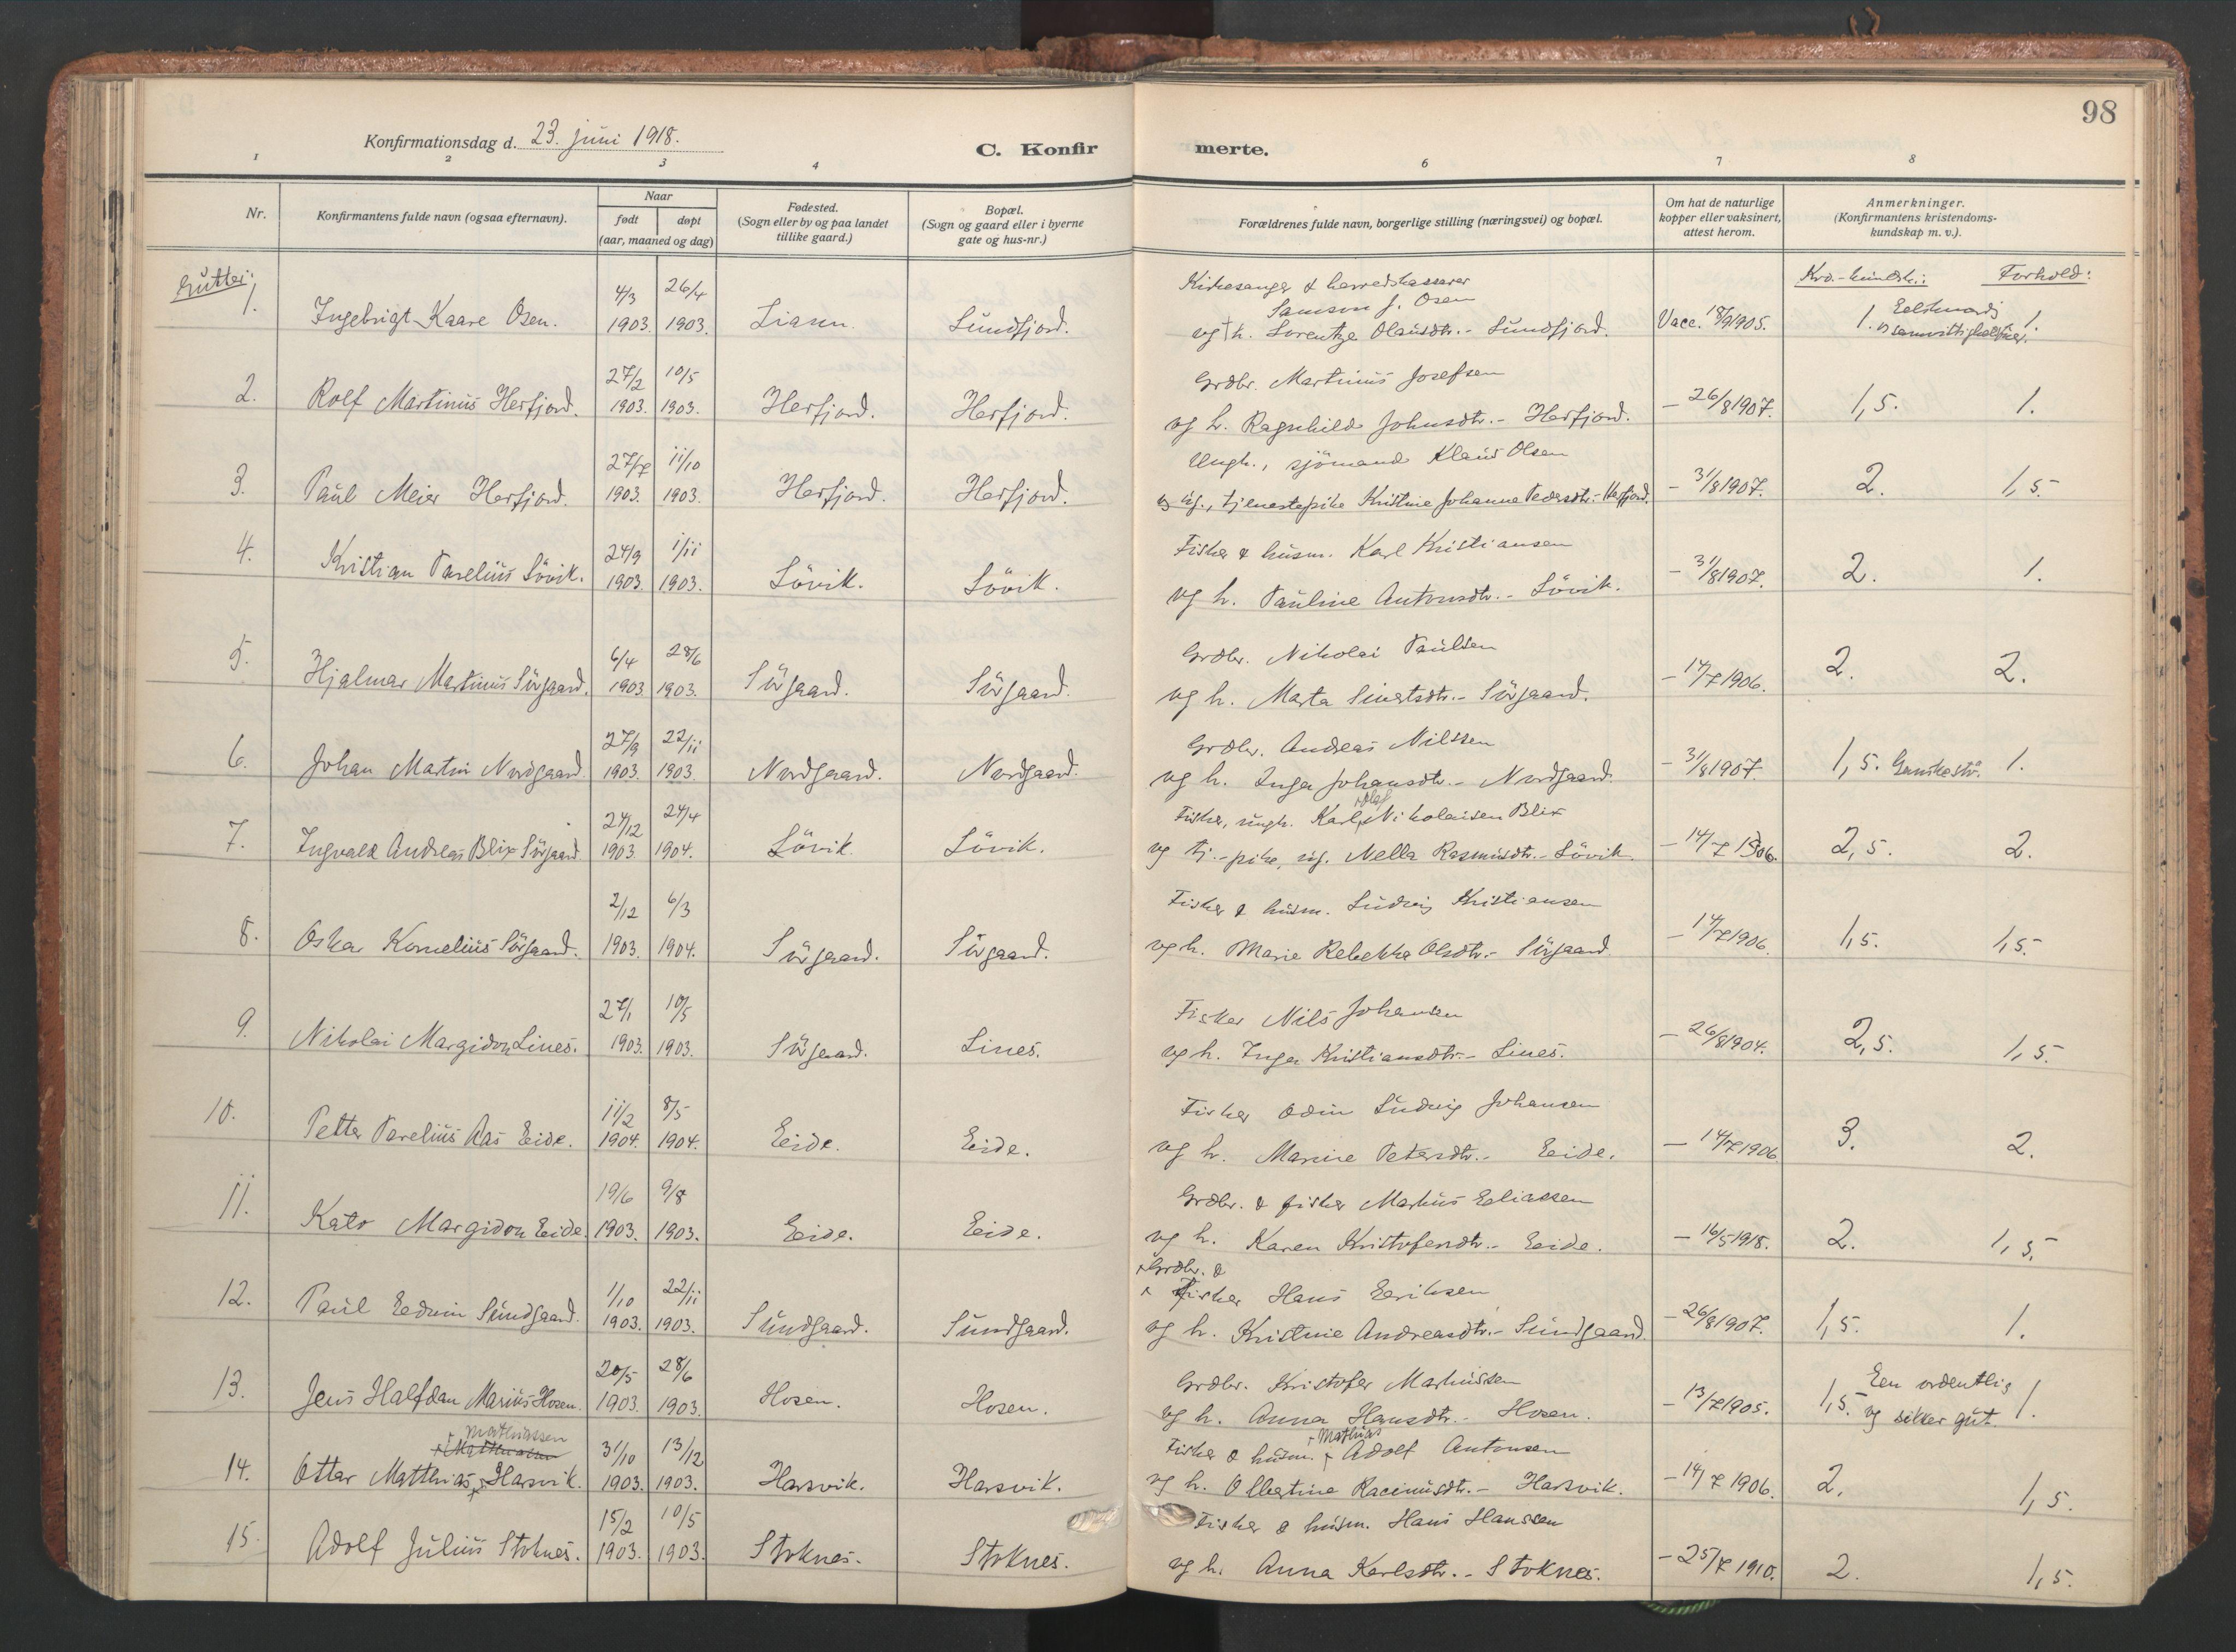 SAT, Ministerialprotokoller, klokkerbøker og fødselsregistre - Sør-Trøndelag, 656/L0694: Ministerialbok nr. 656A03, 1914-1931, s. 98